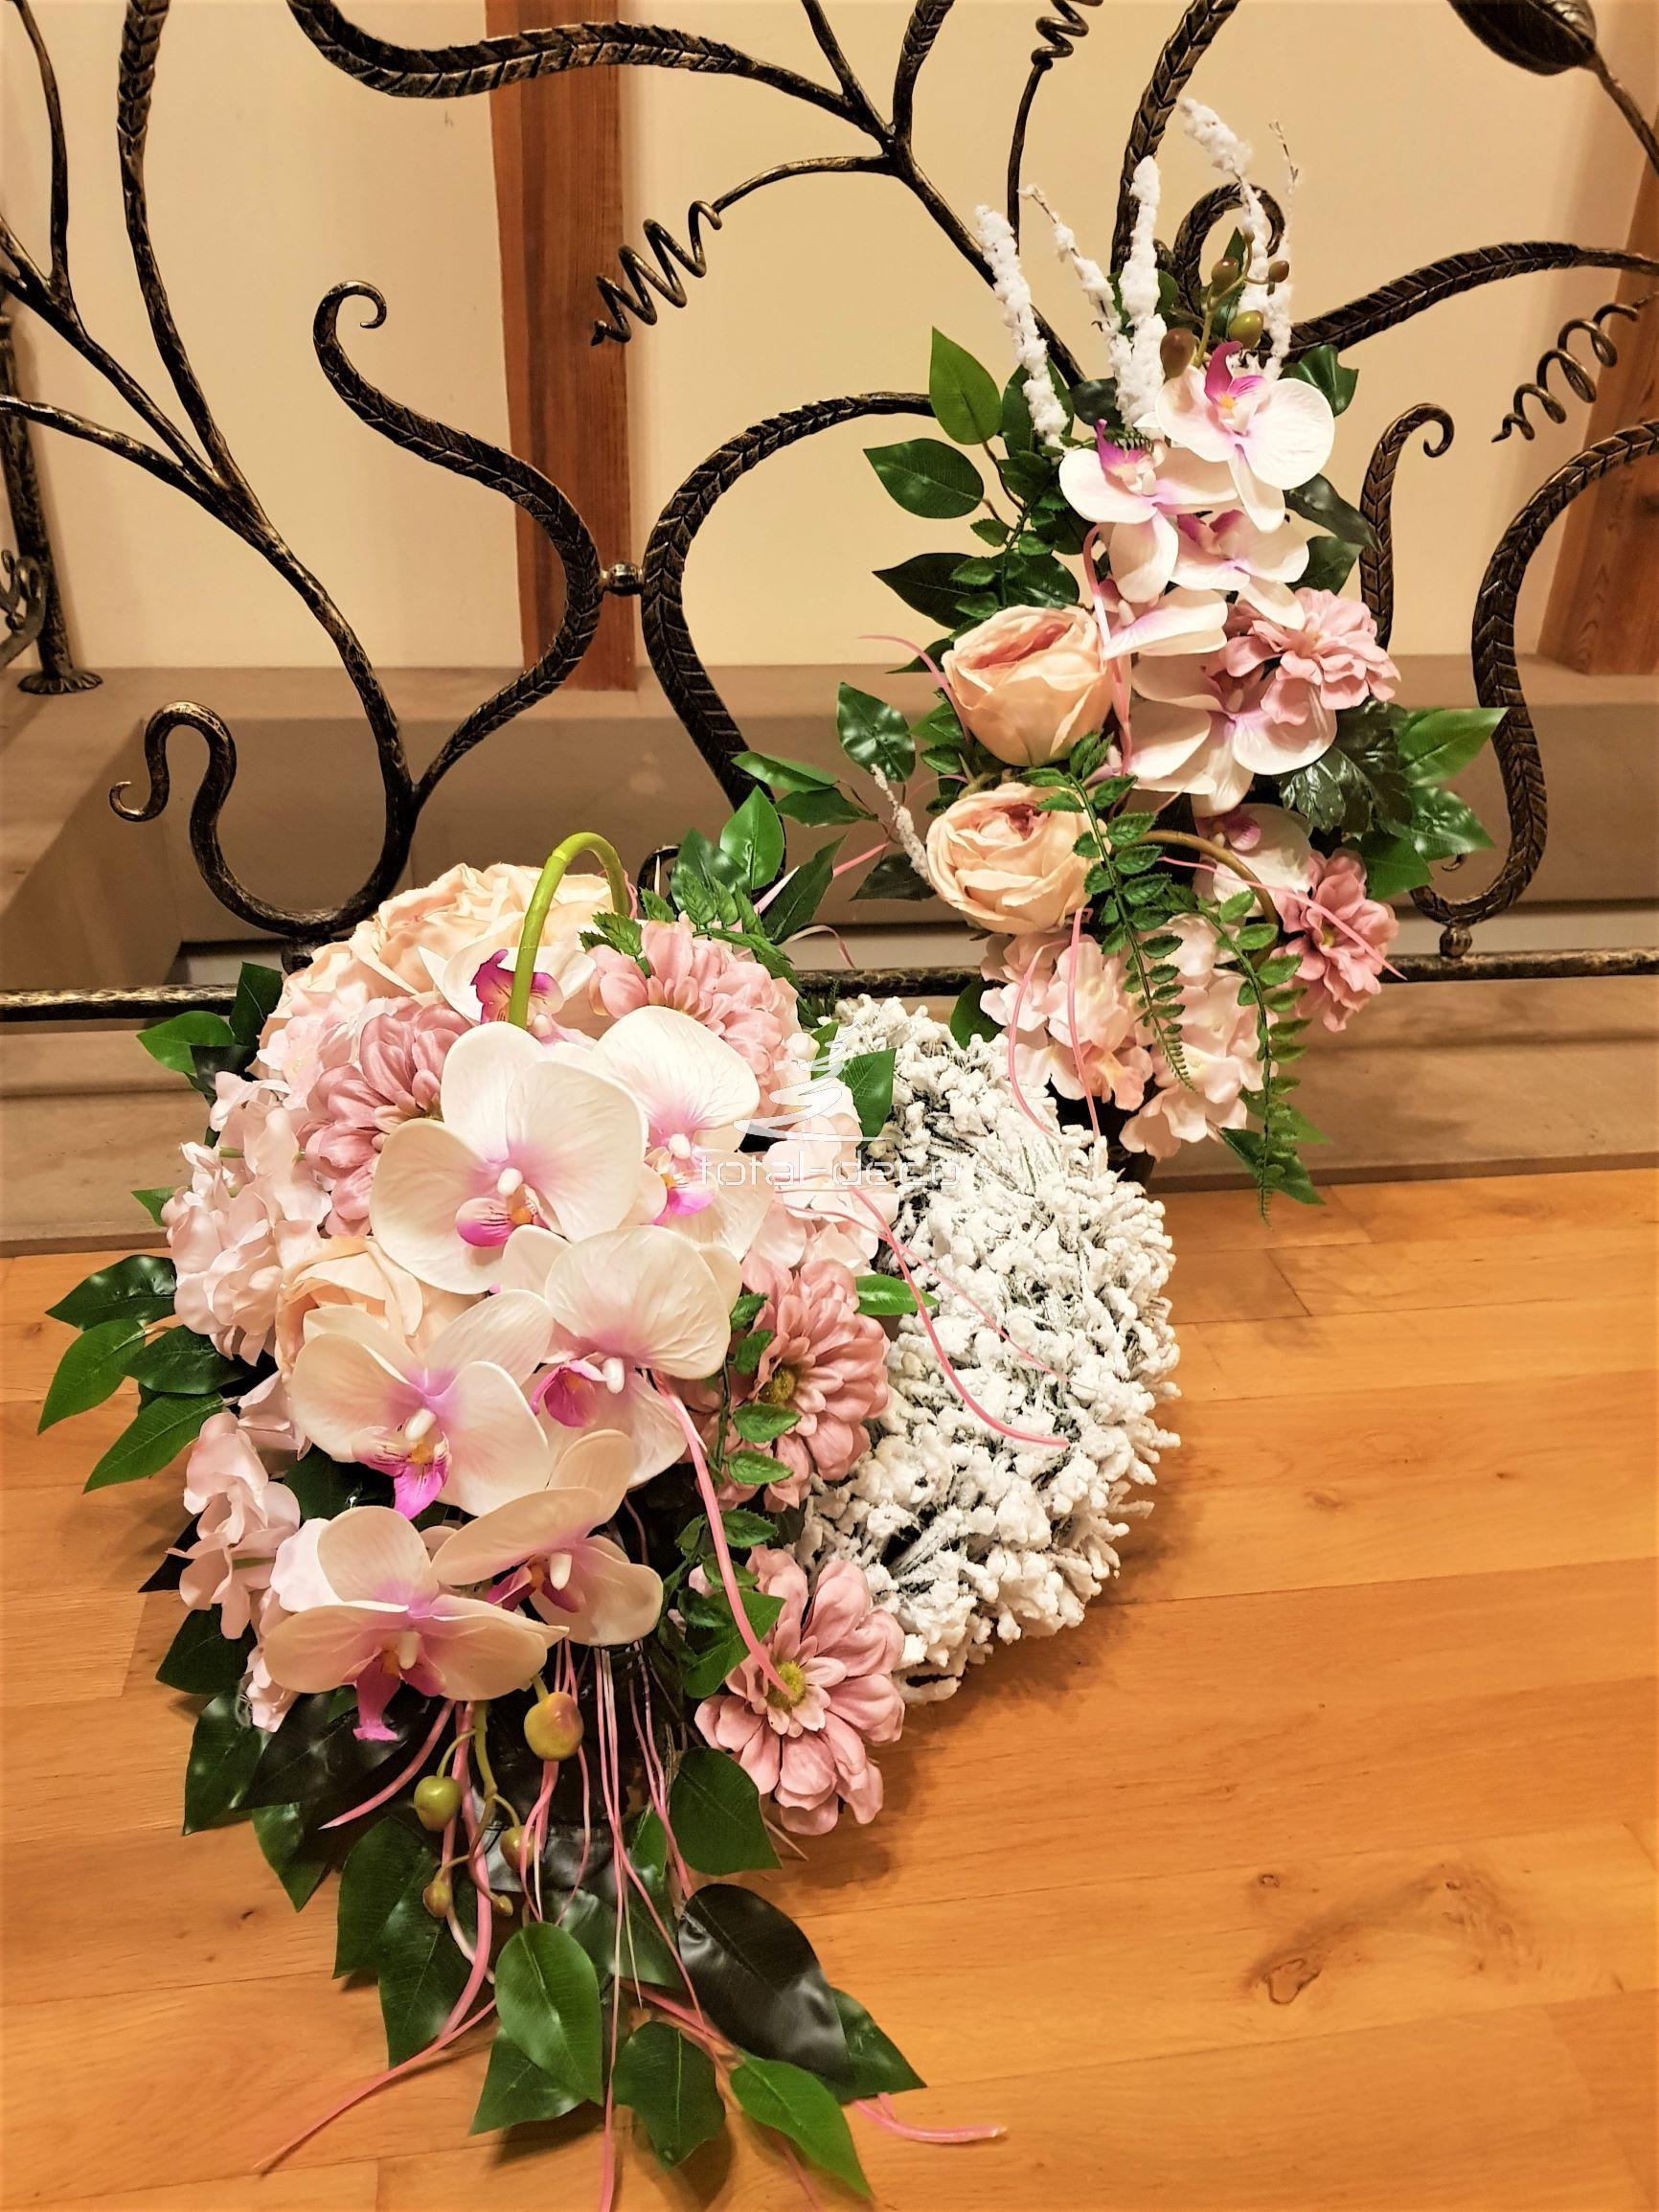 Komplety Dekoracji Nagrobnych Stroiki Na Cmentarz Dla Dzieci Grave Decorations Floral Wreath Floral